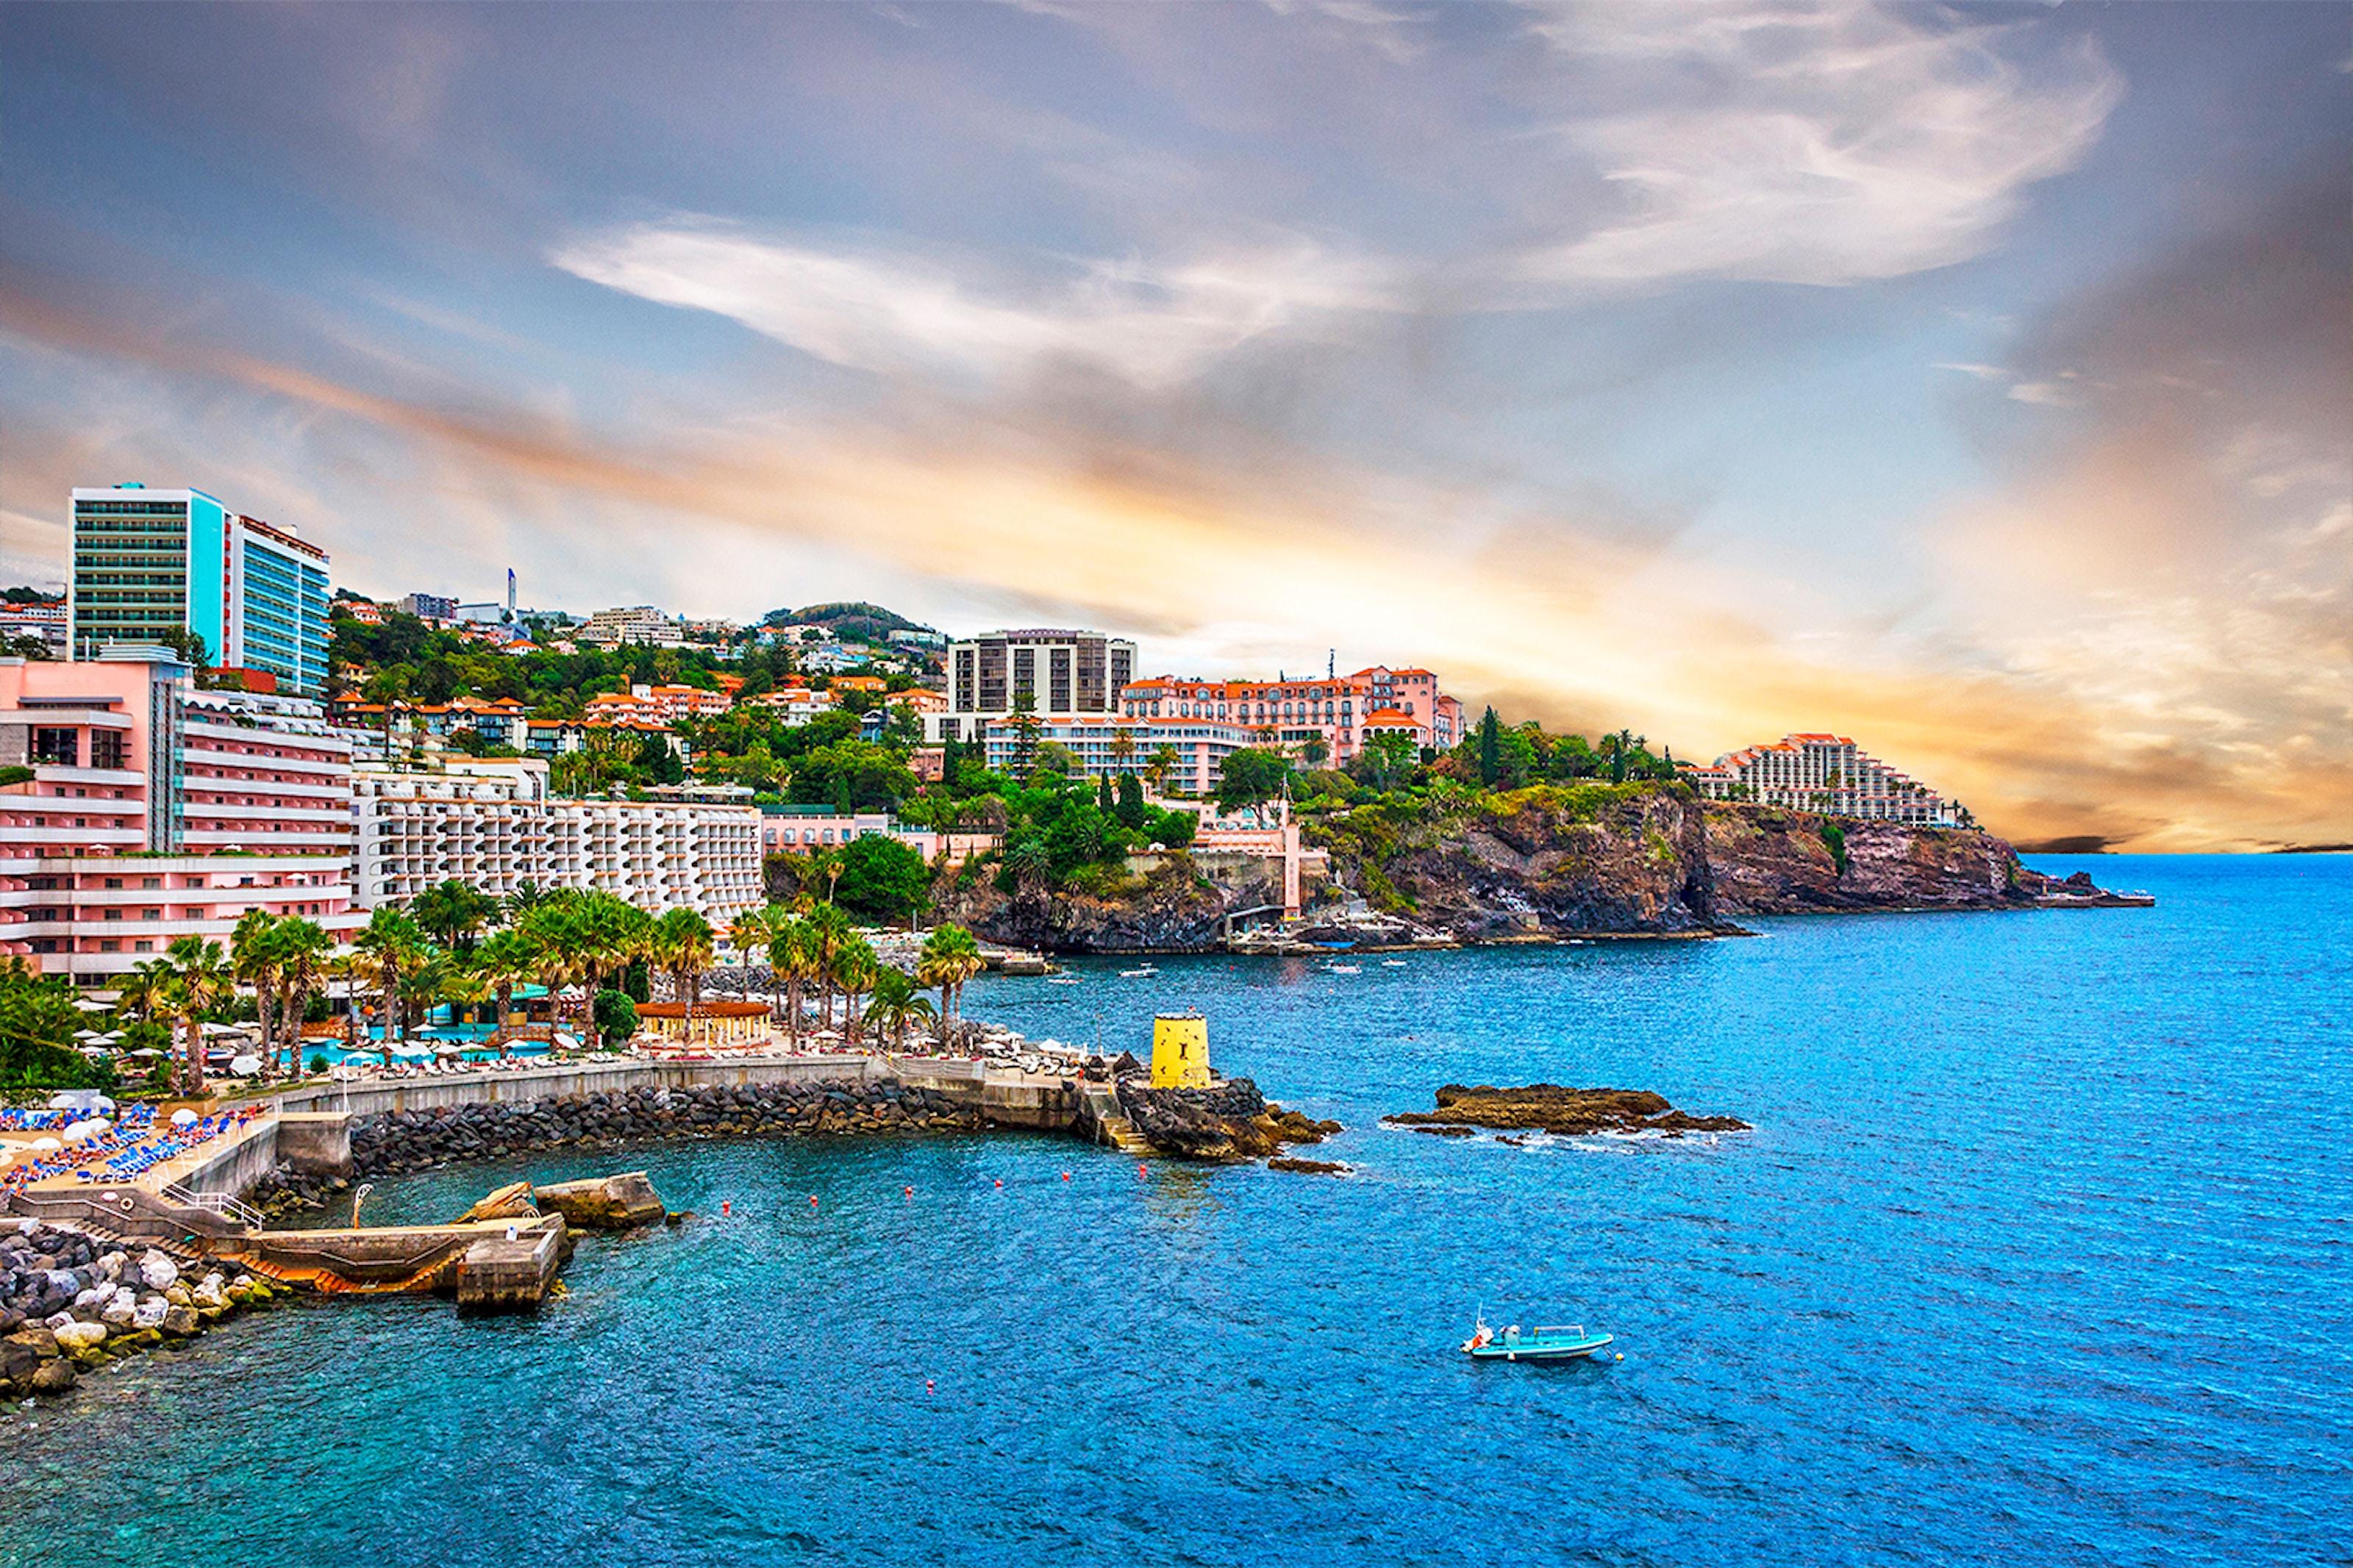 Upplev vackra Madeira